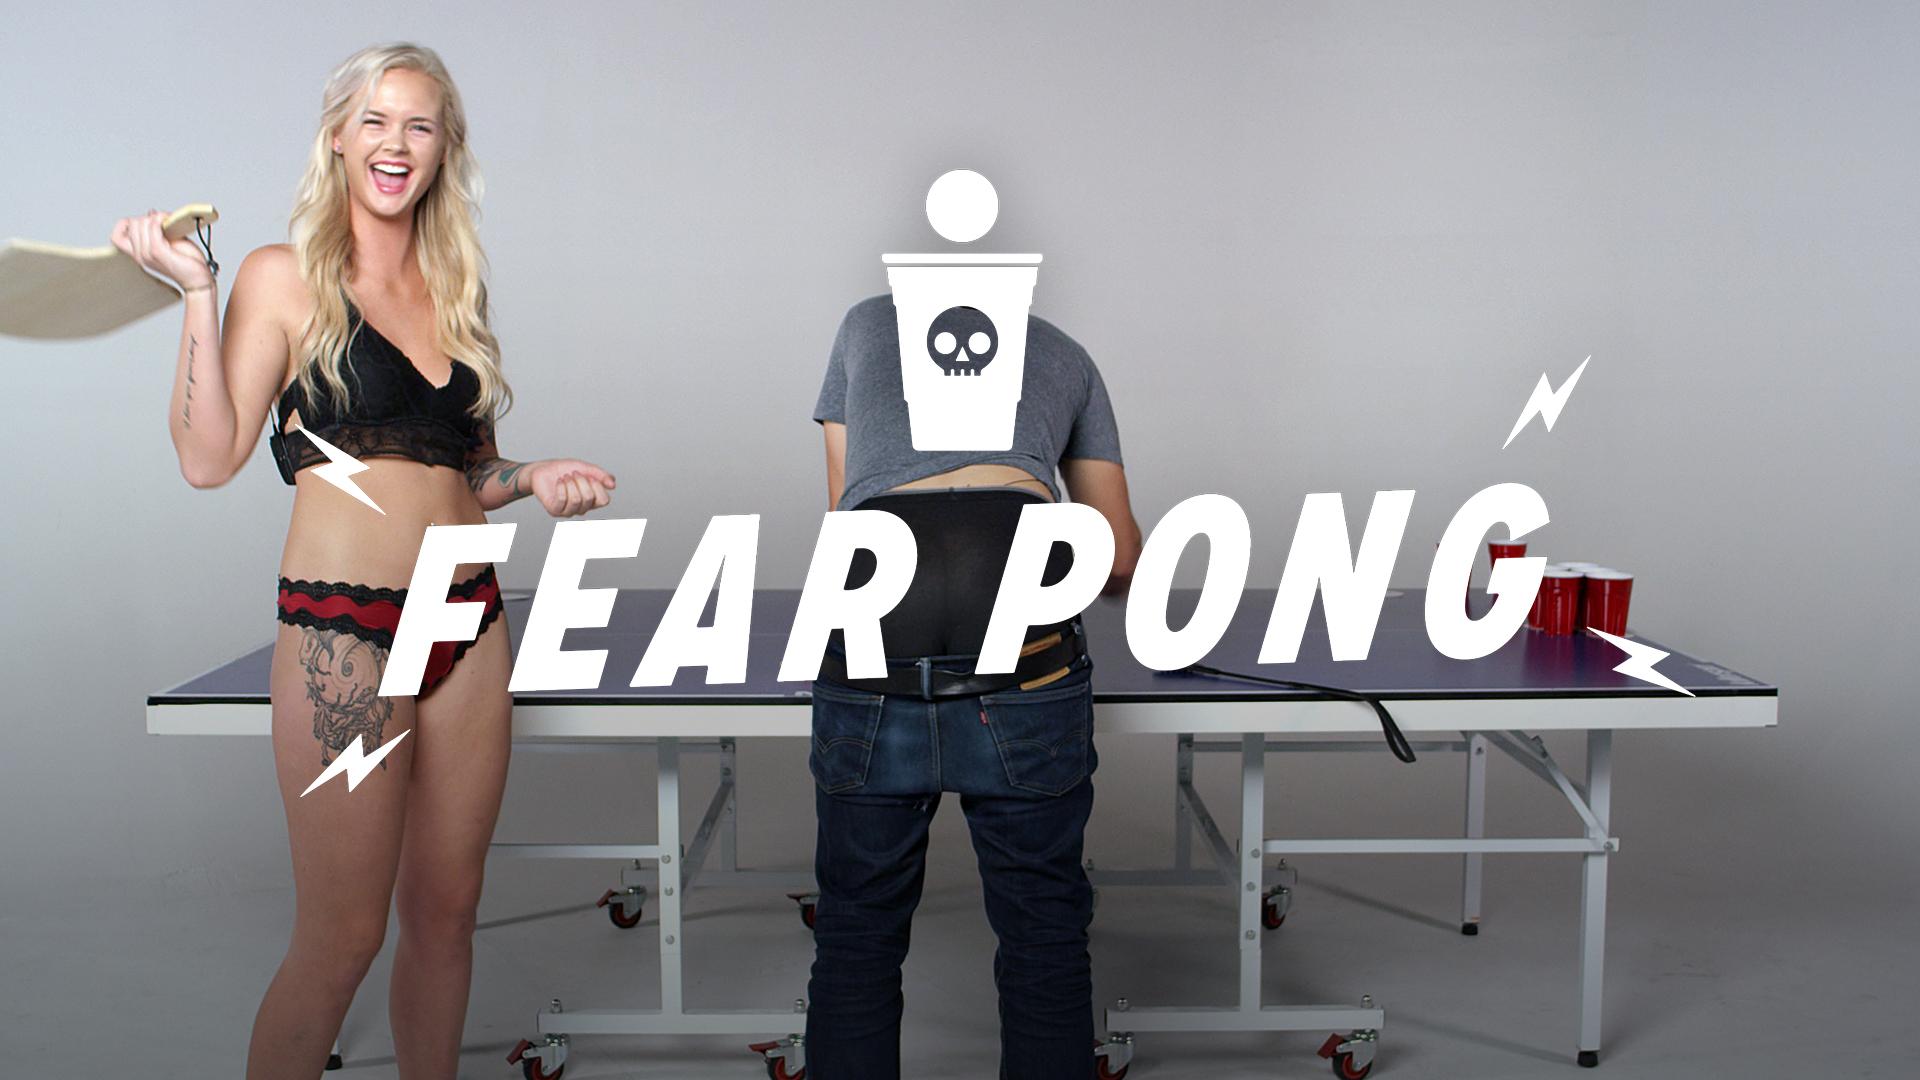 fear_pong_v2.jpg